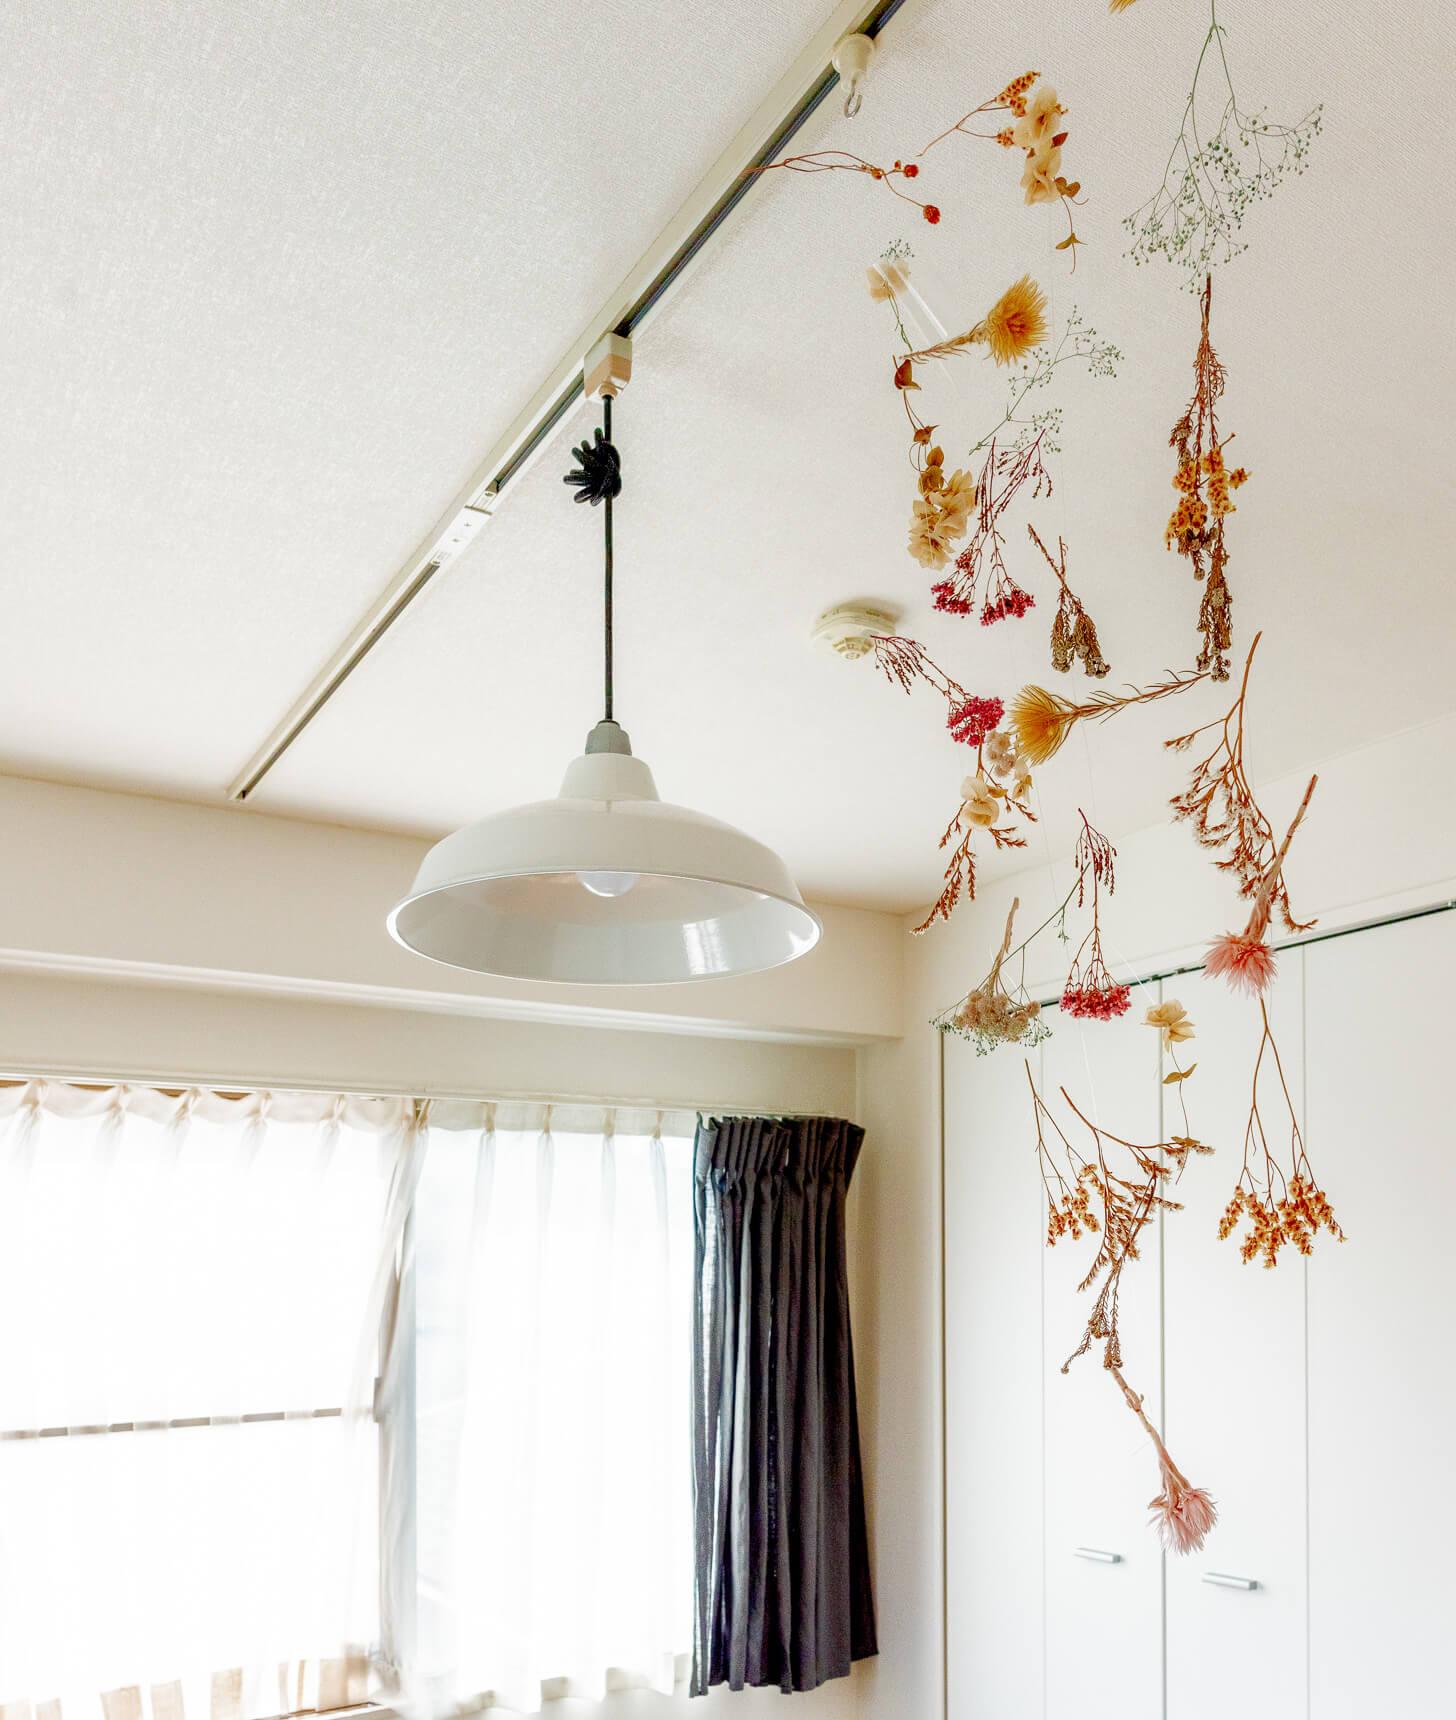 好きな位置に照明がつけられると、家具の置き場所のアレンジも効きやすい。ドライフラワーなど軽いものならこんな風に吊り下げることもできます(このお部屋はこちら)